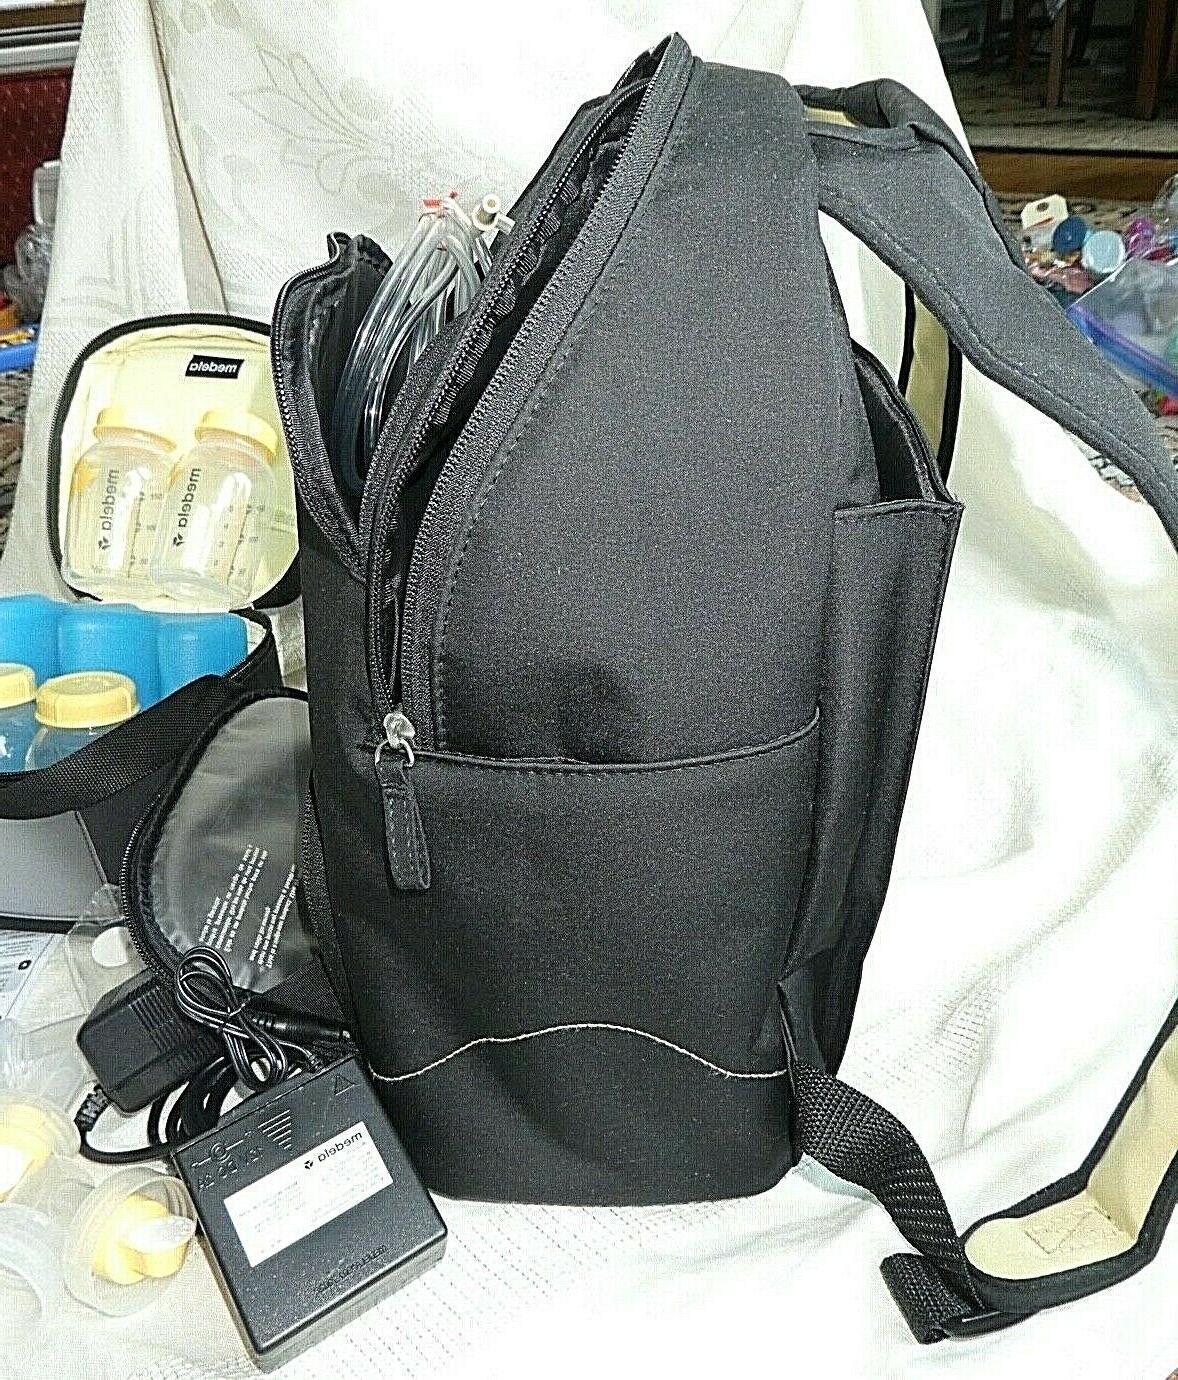 Medela Breast & Travel Kit in Backpack Unused